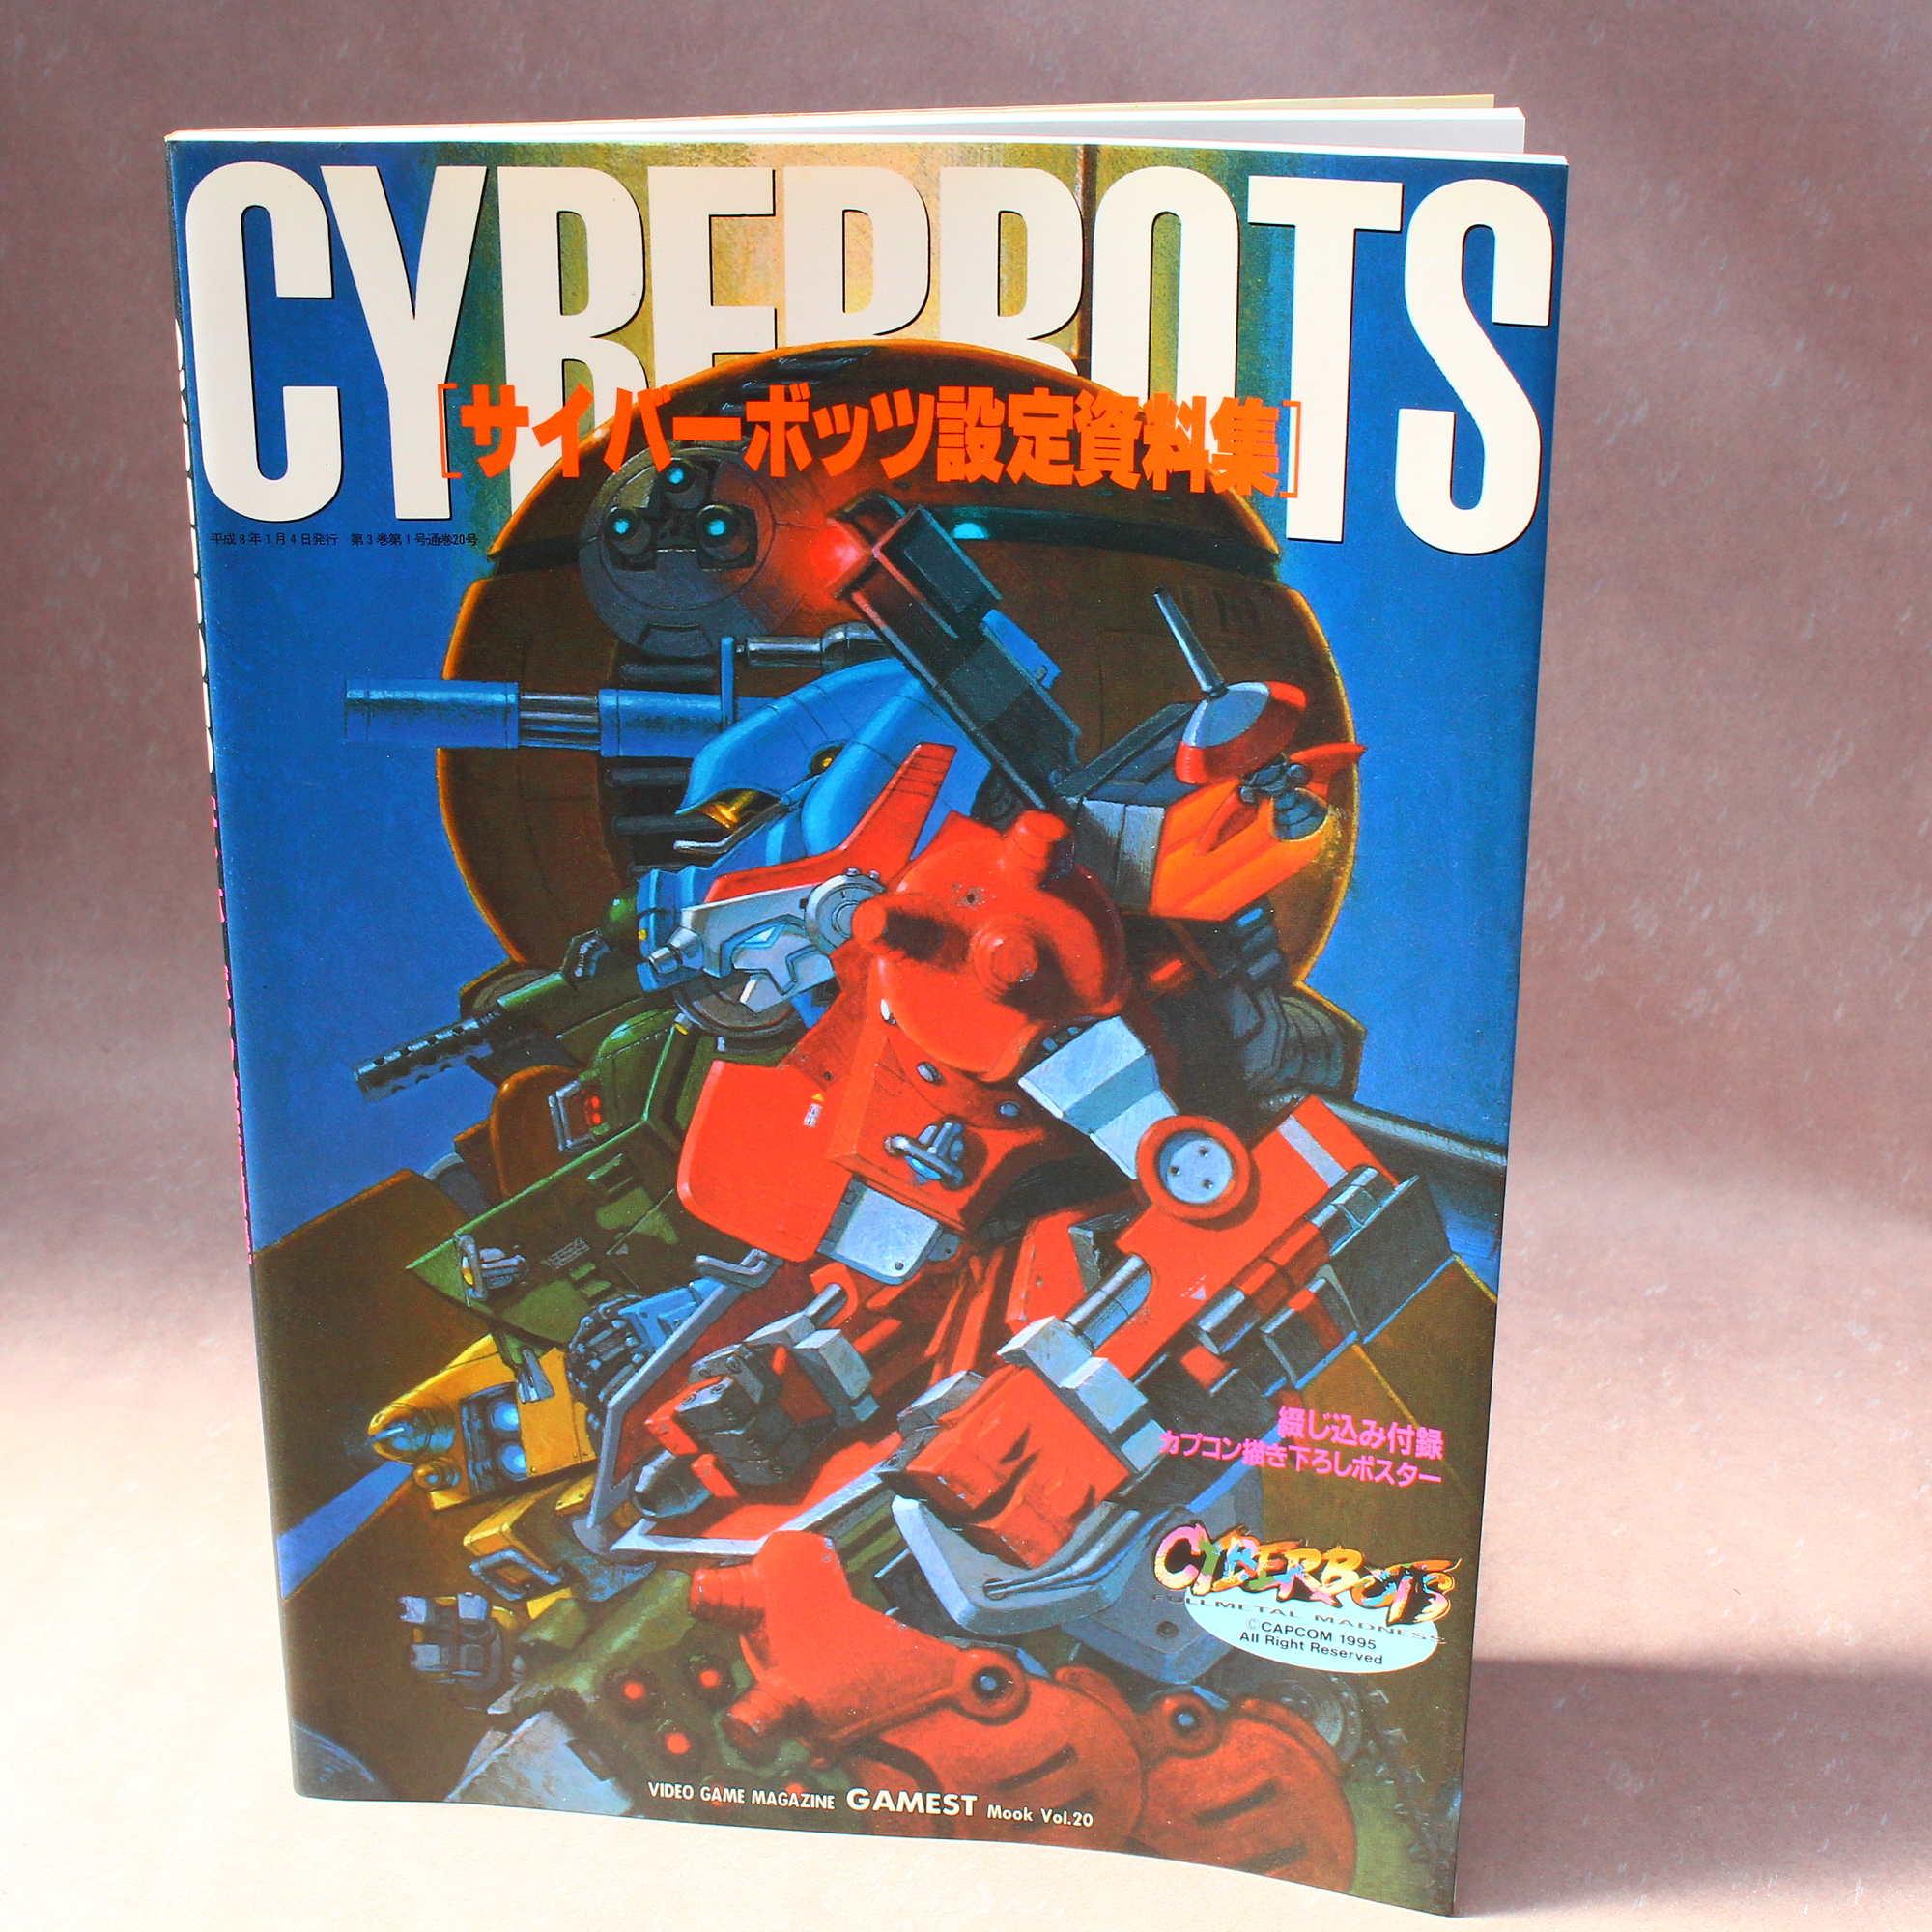 Cyberbots Art Book - Capcom Gamest Mook 20